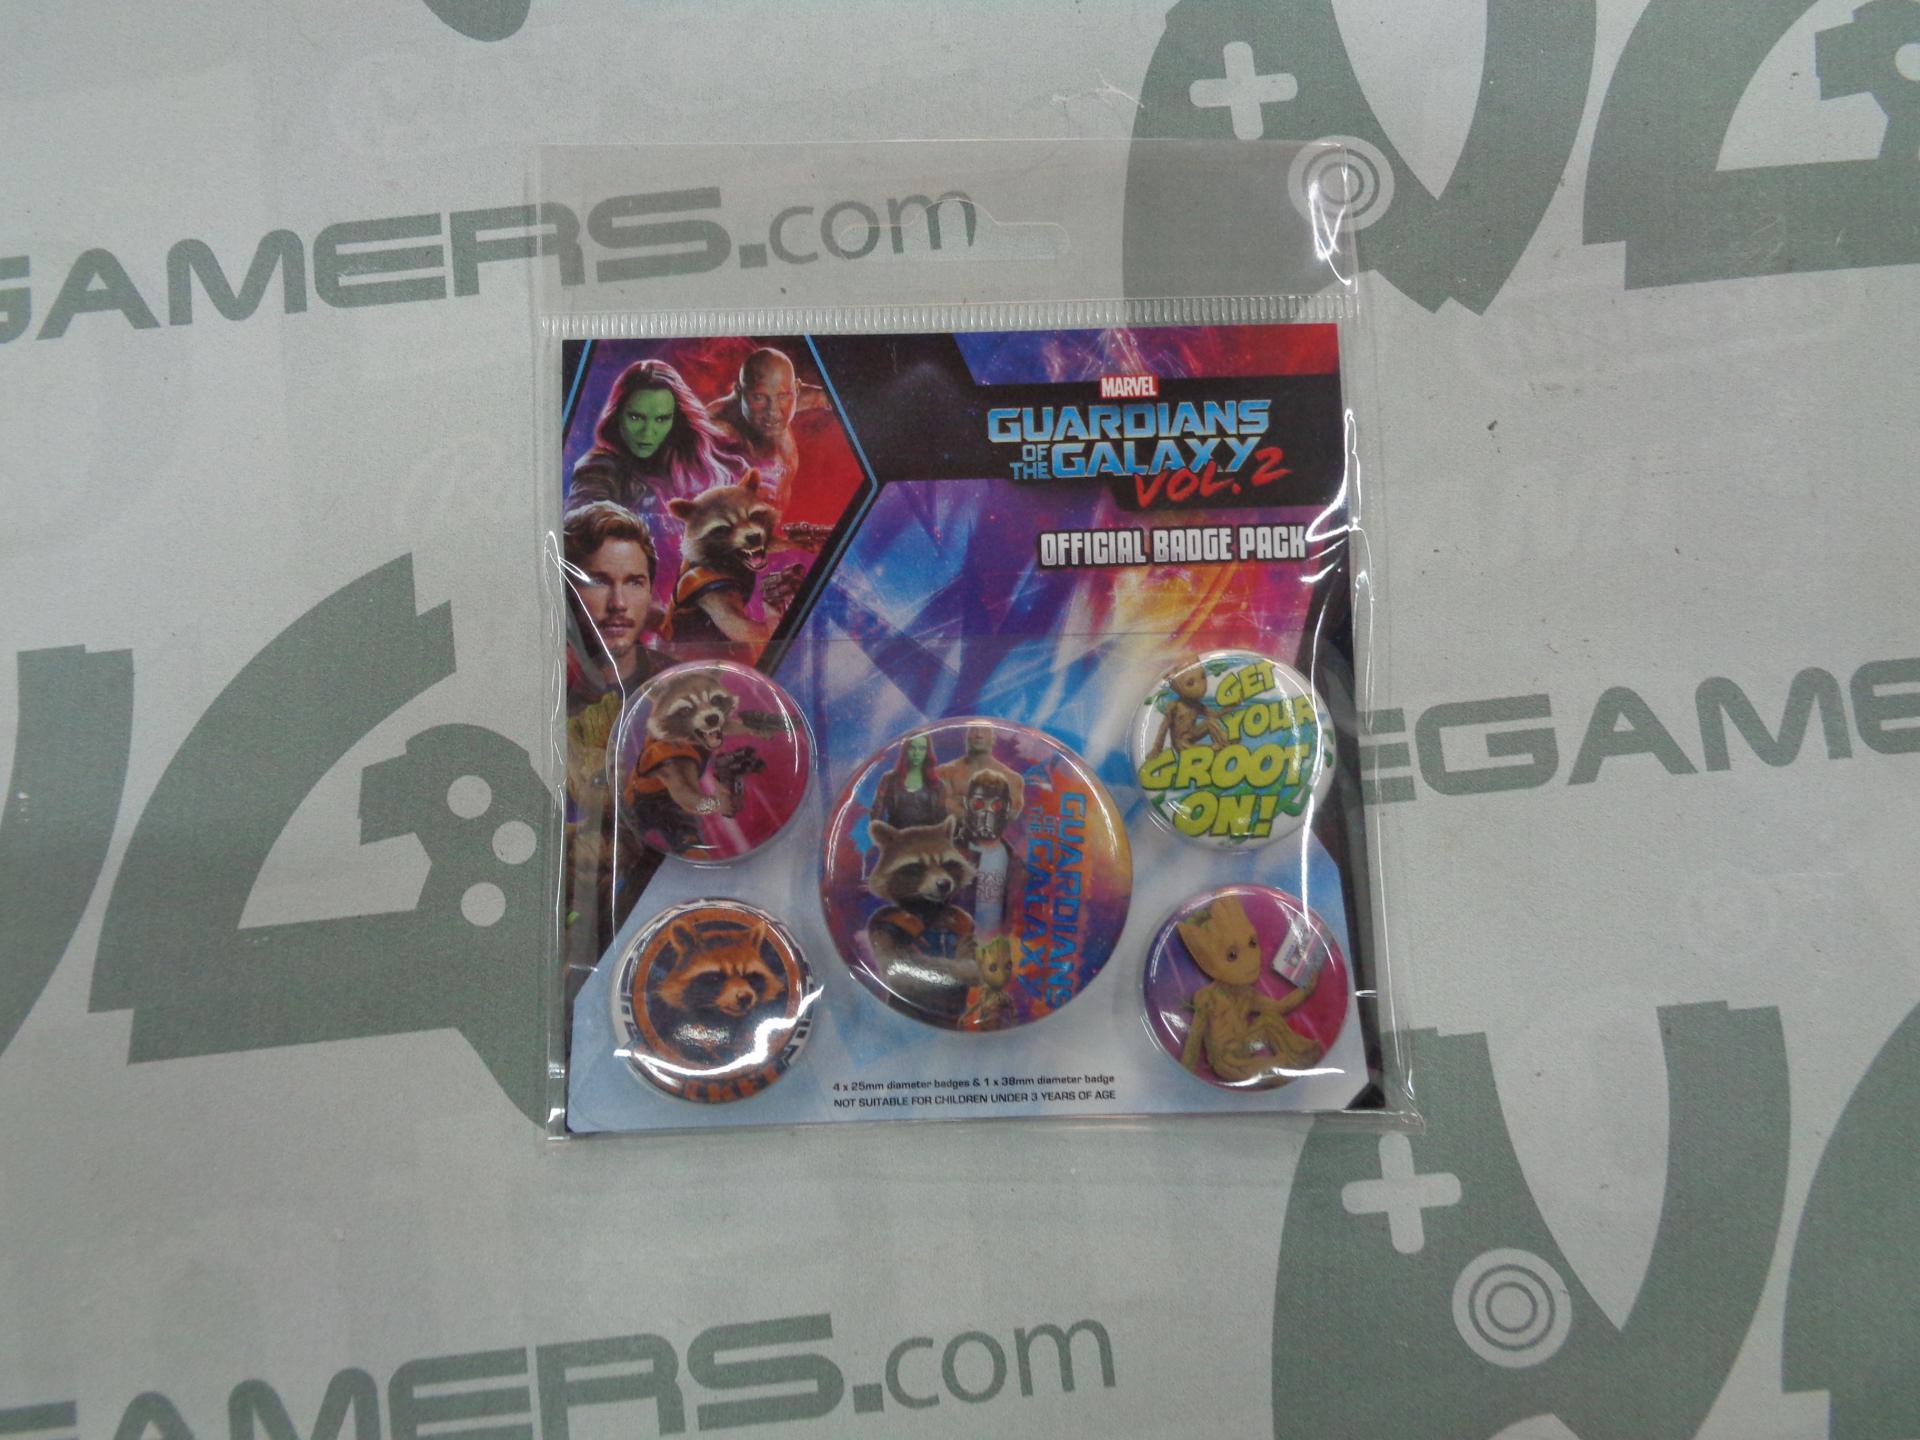 Pack de chapas Guardianes de la Galaxia vol. 2